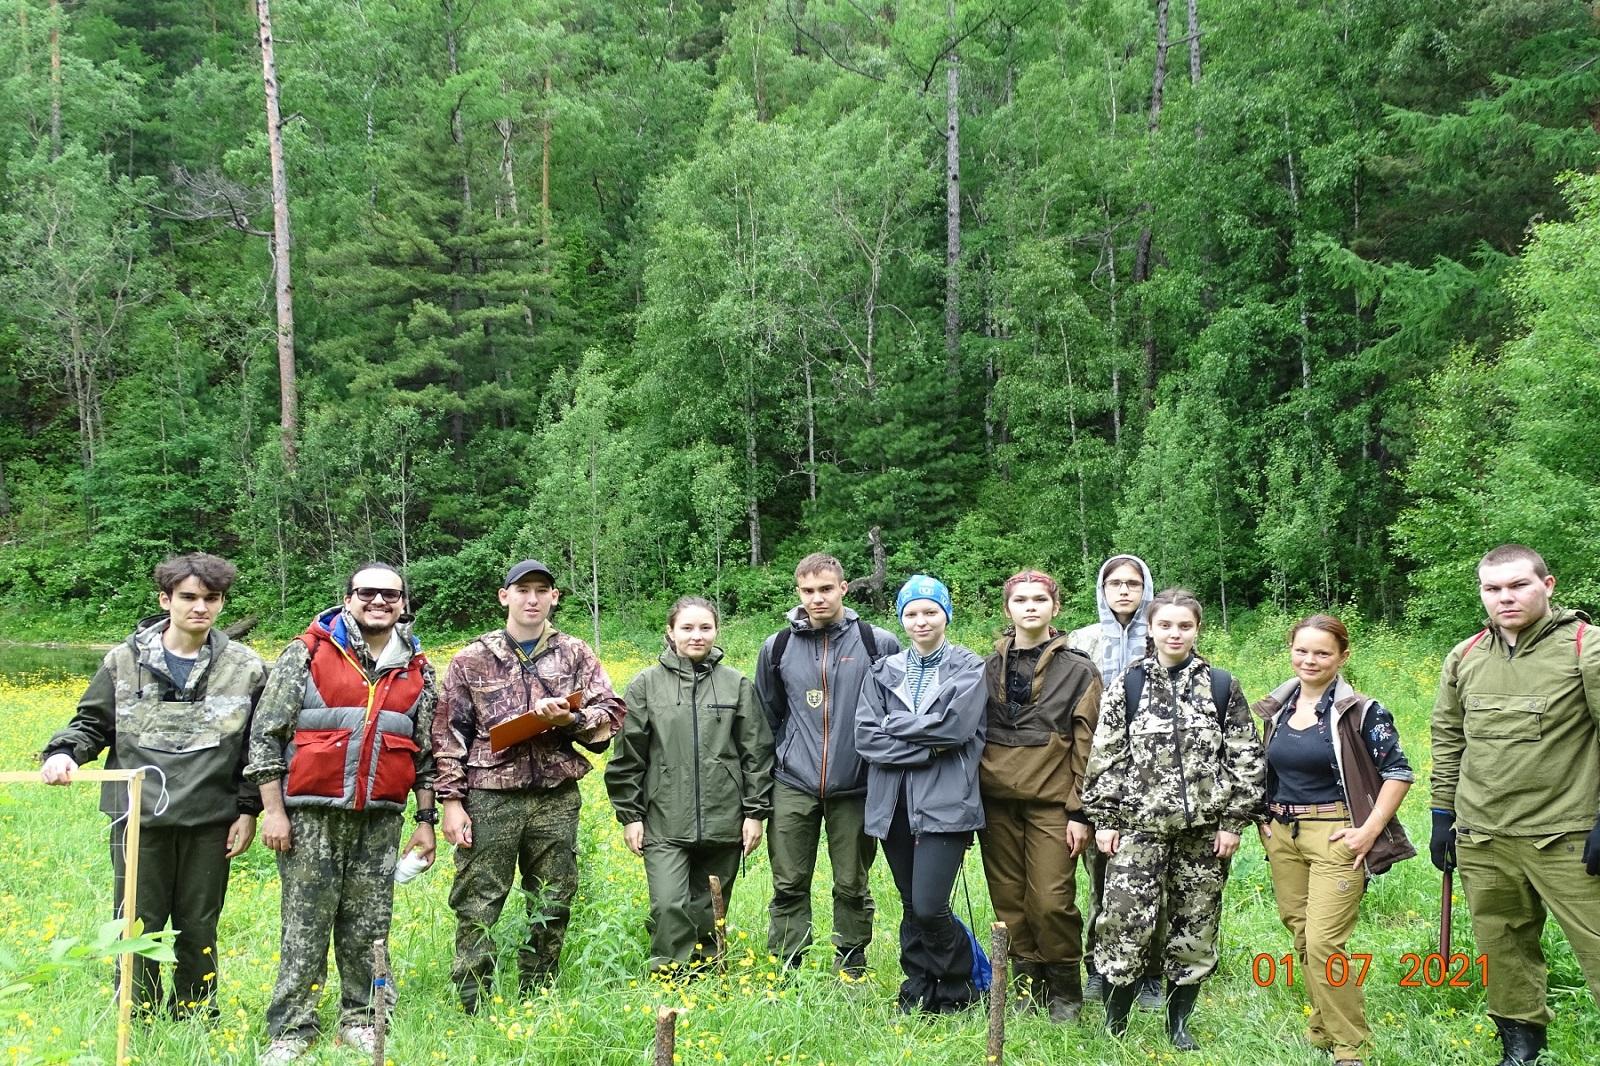 托木斯克国立大学地质和地球物理学院进行了一次对贝加尔湖游客可容纳极限的考察插图-小狮座俄罗斯留学